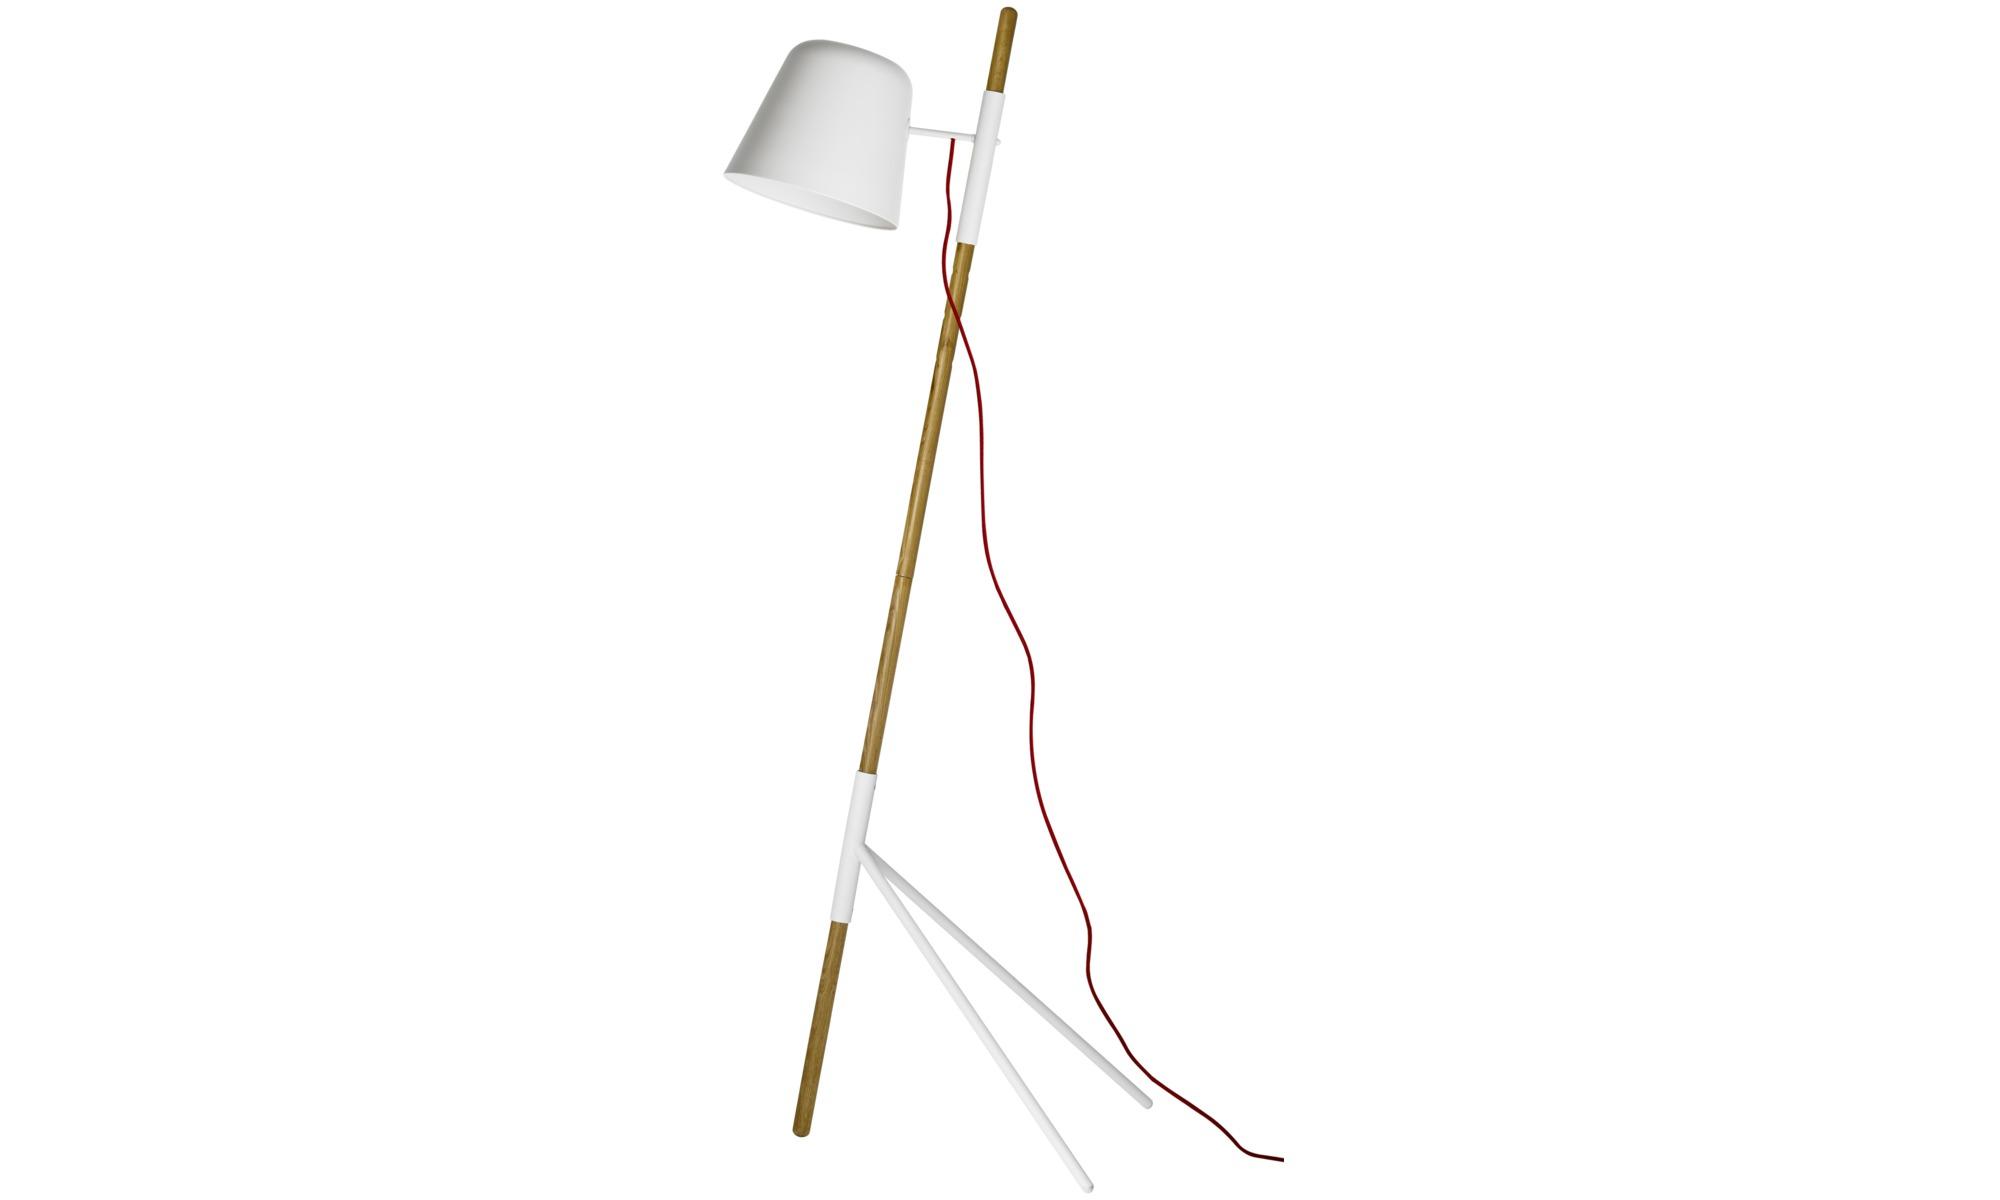 Full Size of Lampen Outrigger Stehlampe Boconcept Wohnzimmer Wildeiche Bett Bodengleiche Dusche Einbauen Eiche Massiv 180x200 Bad Reichenhall Hotel Esstisch Pension Wohnzimmer Stehlampe Eiche